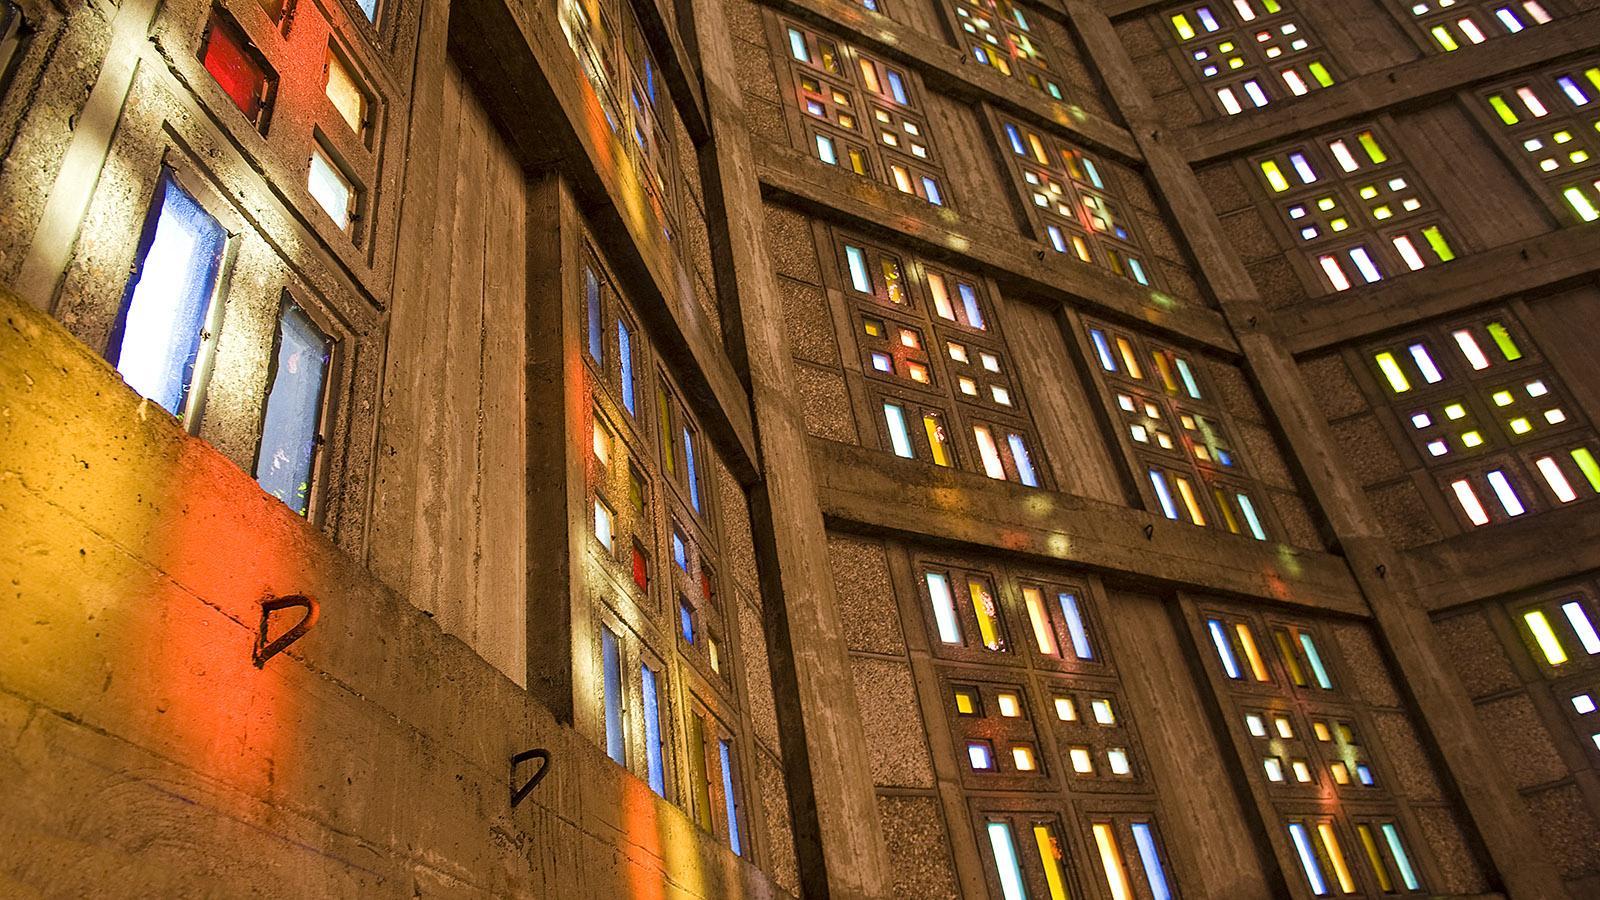 Église Saint Joseph von Le Havre: Glasfenster in sieben Tönen lassen das Licht auf dem Beton farbig tanzen.